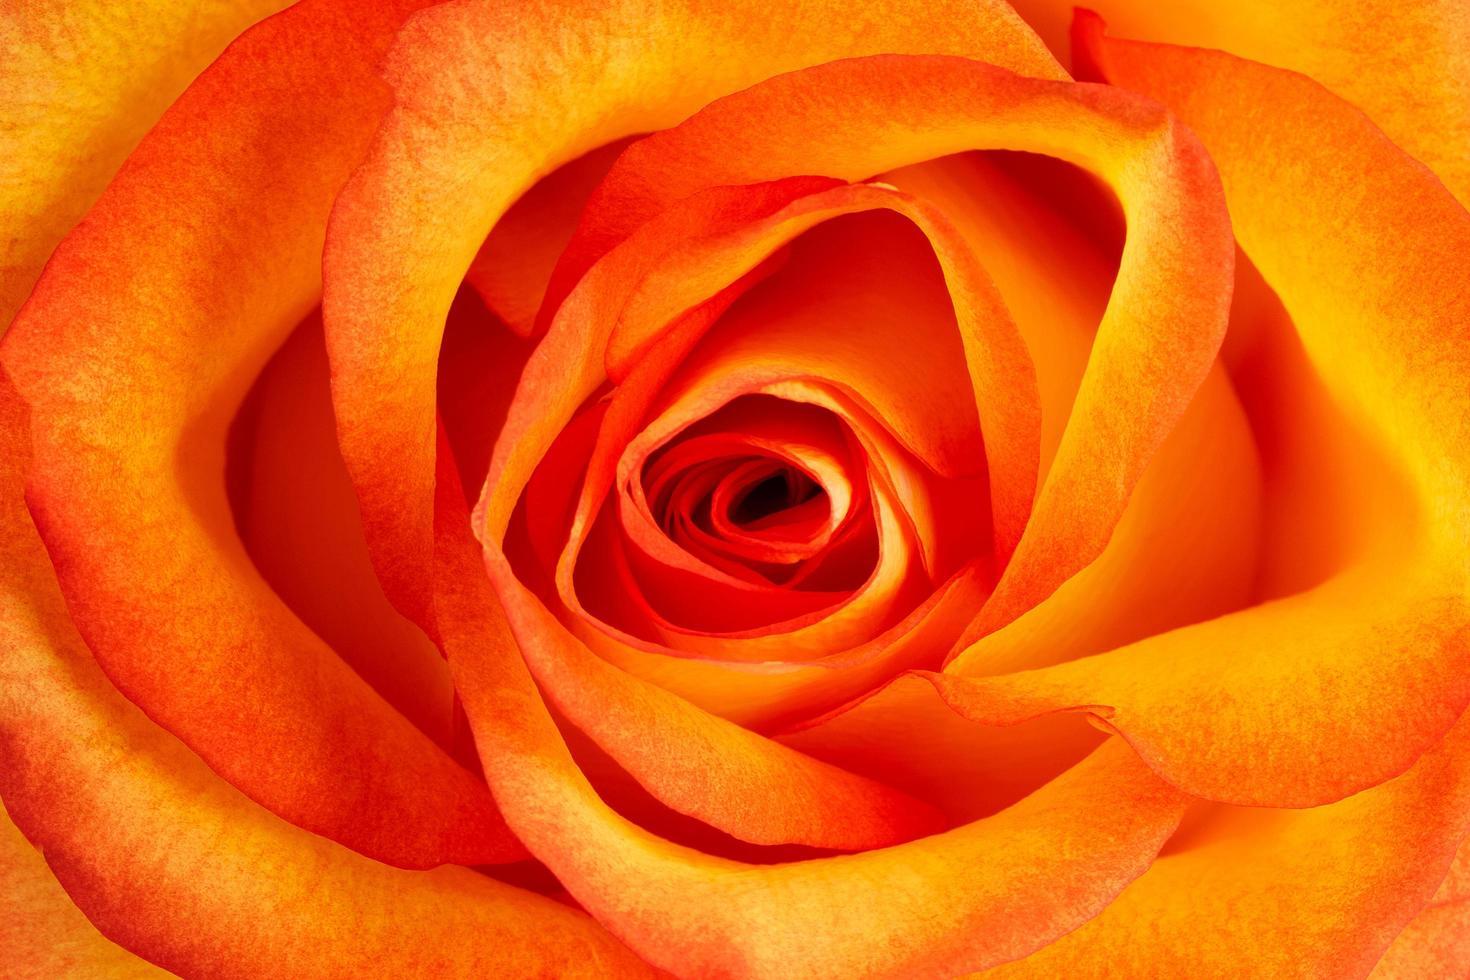 achtergrond van verse oranje roos foto